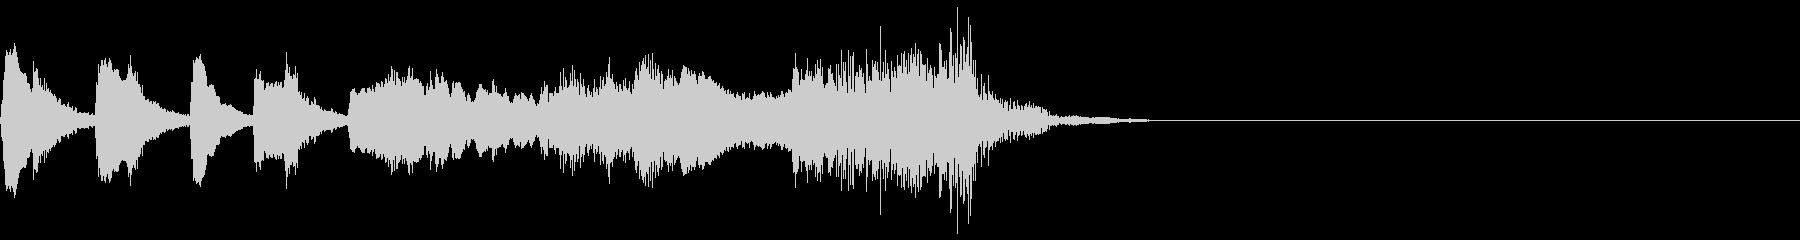 ゴリウォーグのケークウォーク~イントロ~の未再生の波形